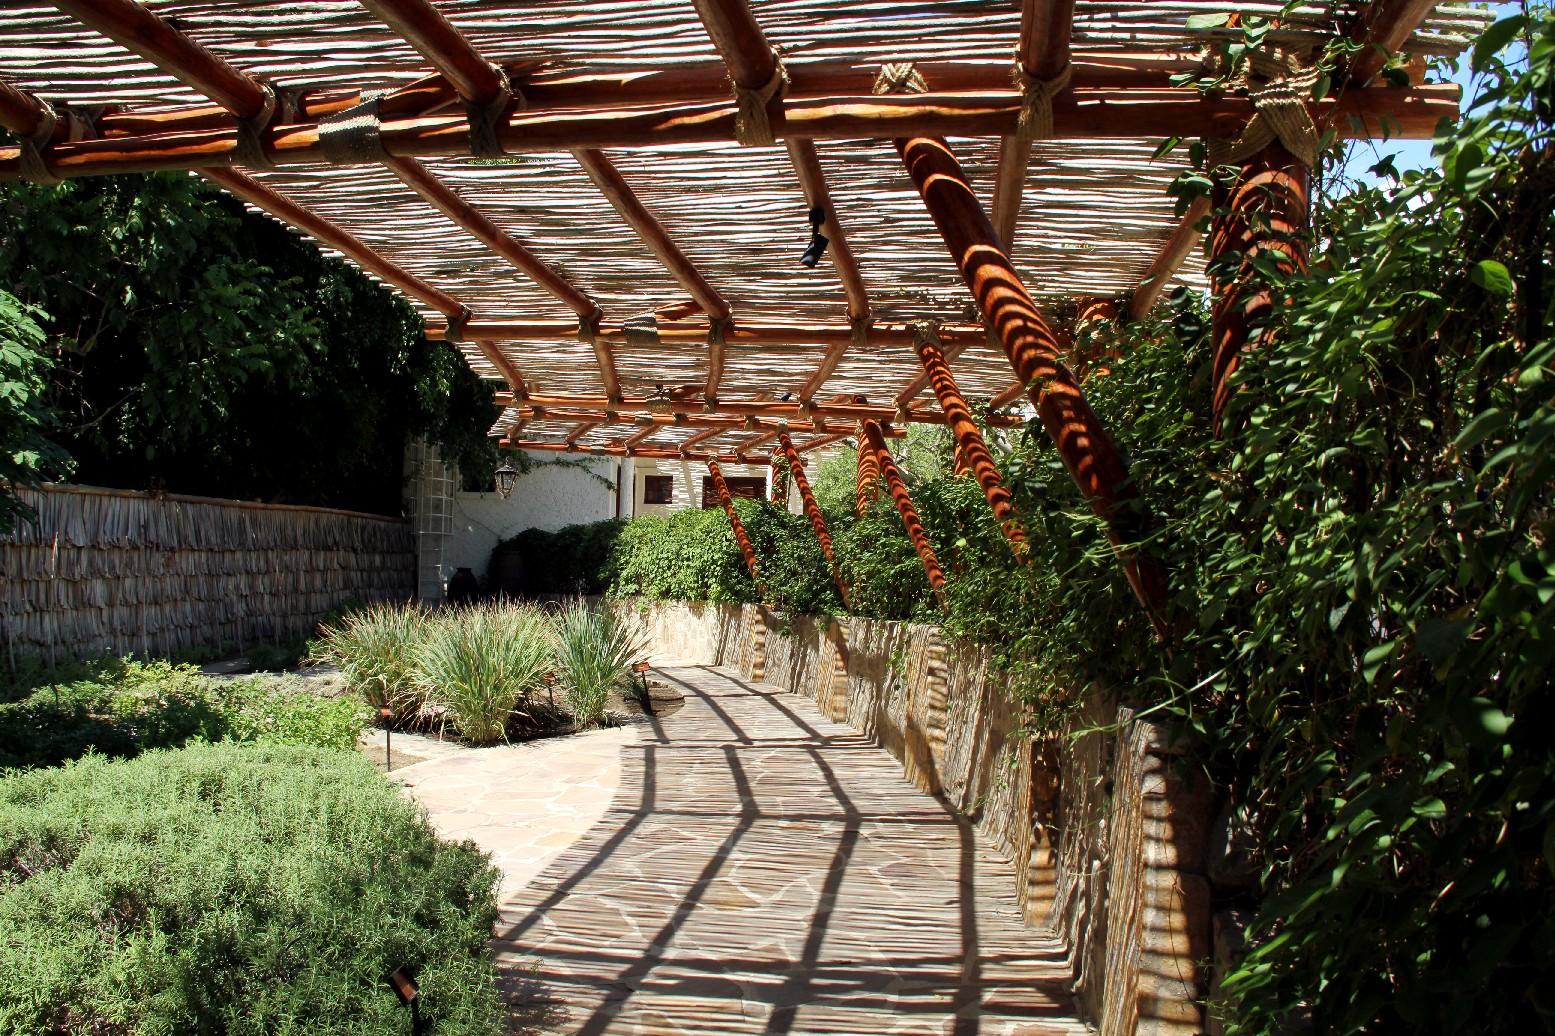 Jardim das Ervas, espaço ao ar livre que conta com uma horta com mais de 15 tipos de ervas que servem para decorar e dar sabor aos pratos preparados durante as aulas